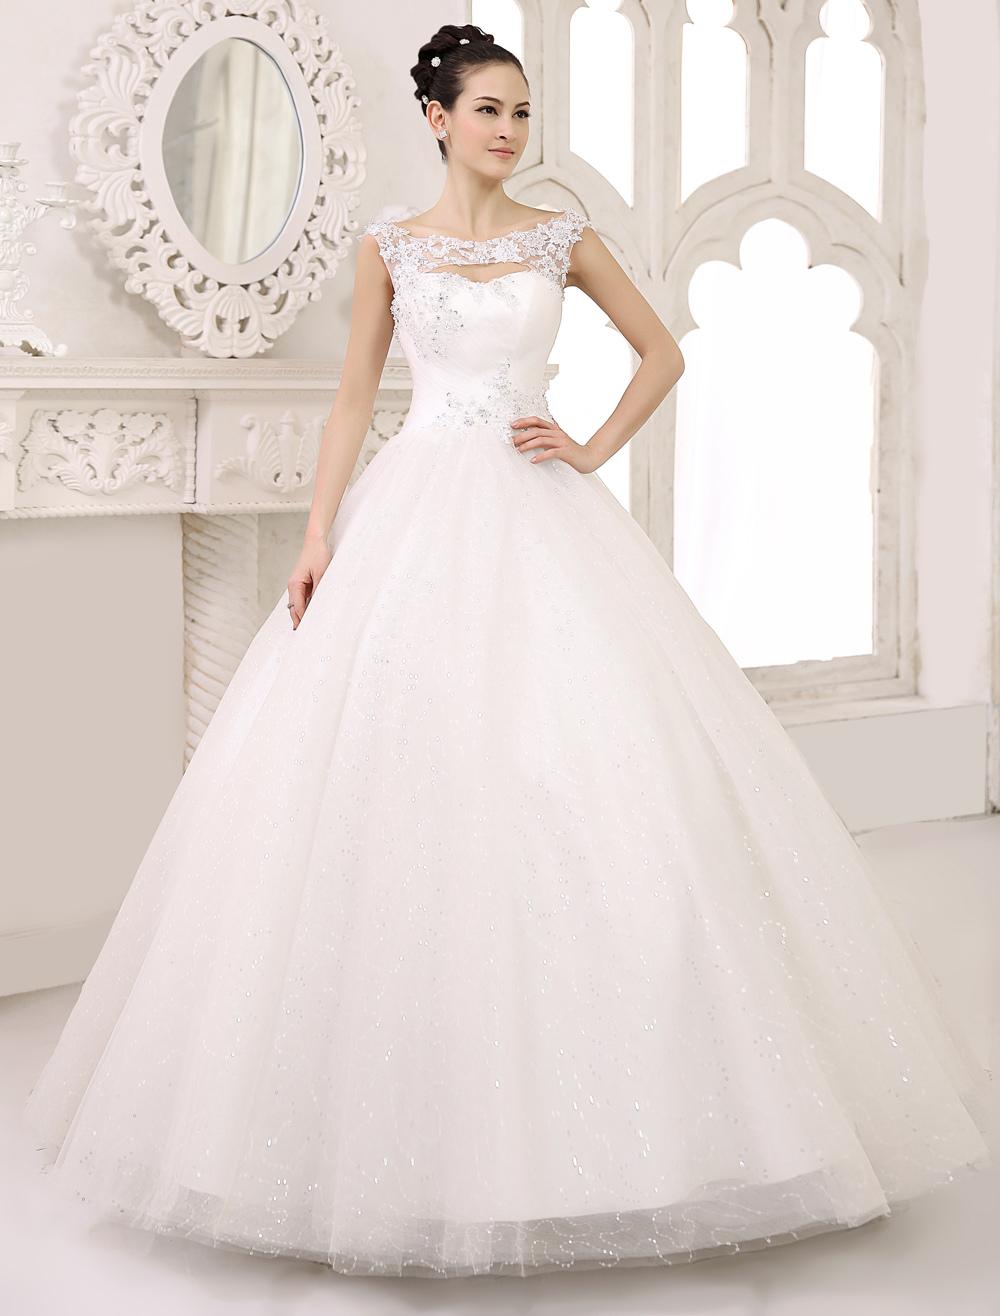 Brautkleid aus Tll mit BateauKragen in Elfenbeinfarbe